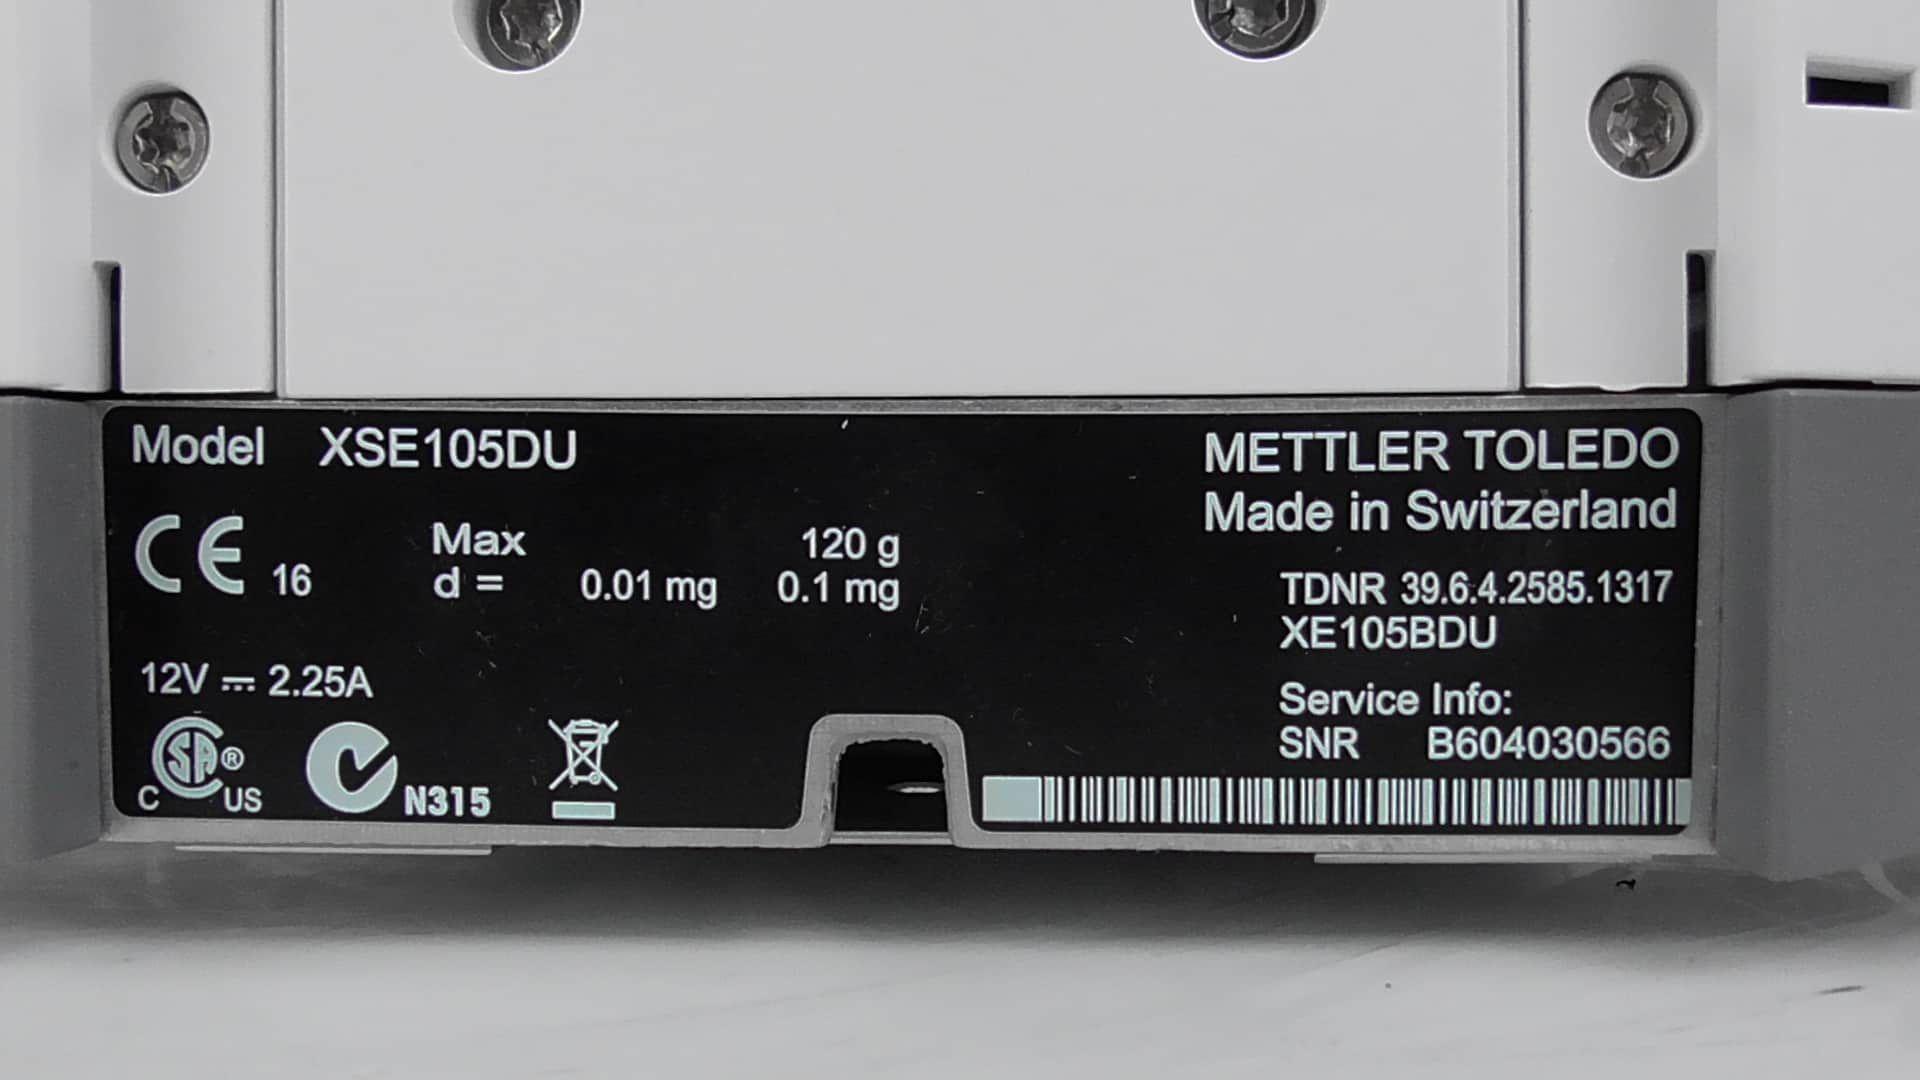 Mettler Toledo XSE105DU Balance